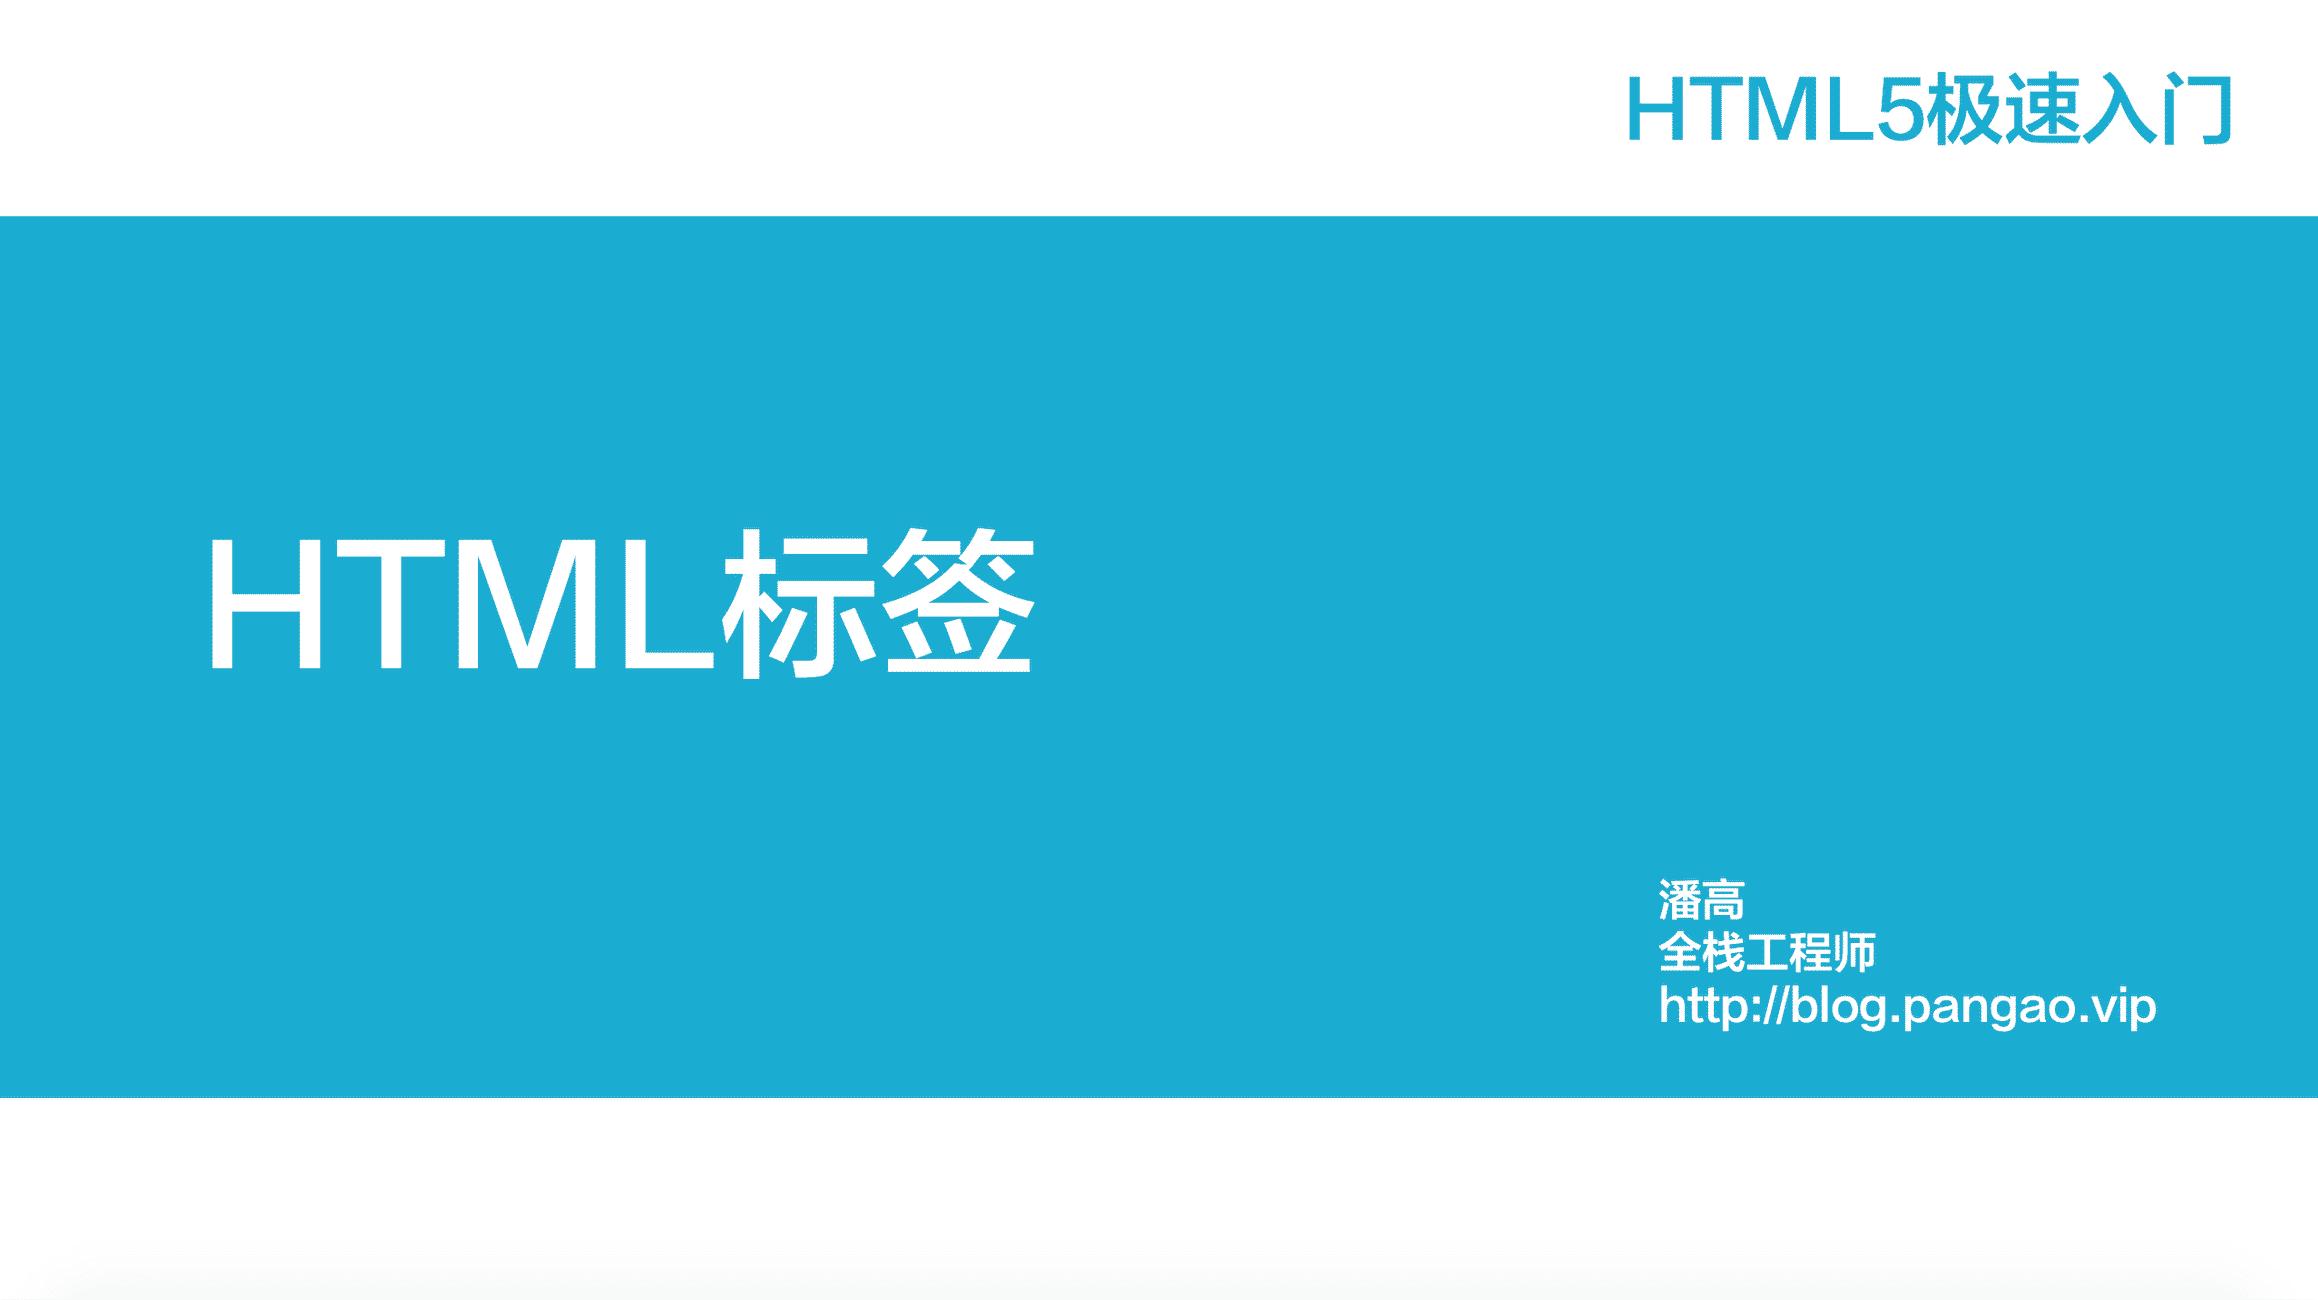 HTML5标签-HTML5极速入门